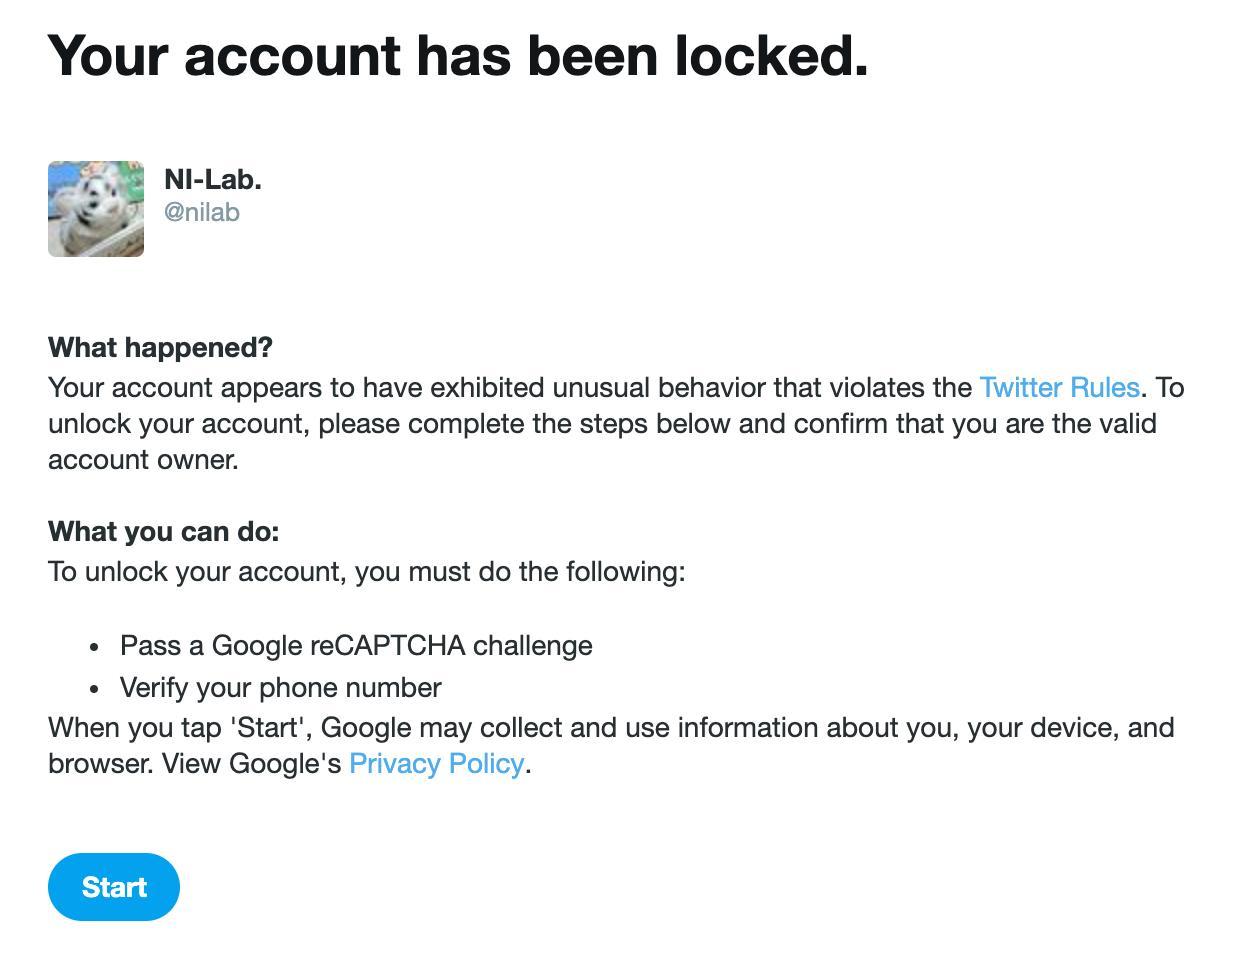 またTwitterアカウントがロックされてしまった。。。アプリは日本語表記だけどWeb版では英語表示にしているからいつもの「自動化に関するTwitterルールに違反」じゃなくて「Your account appears to have exhibited unusual behavior that violates the Twitter Rules.」になってる。 https://t.co/jTbsHjZdYm